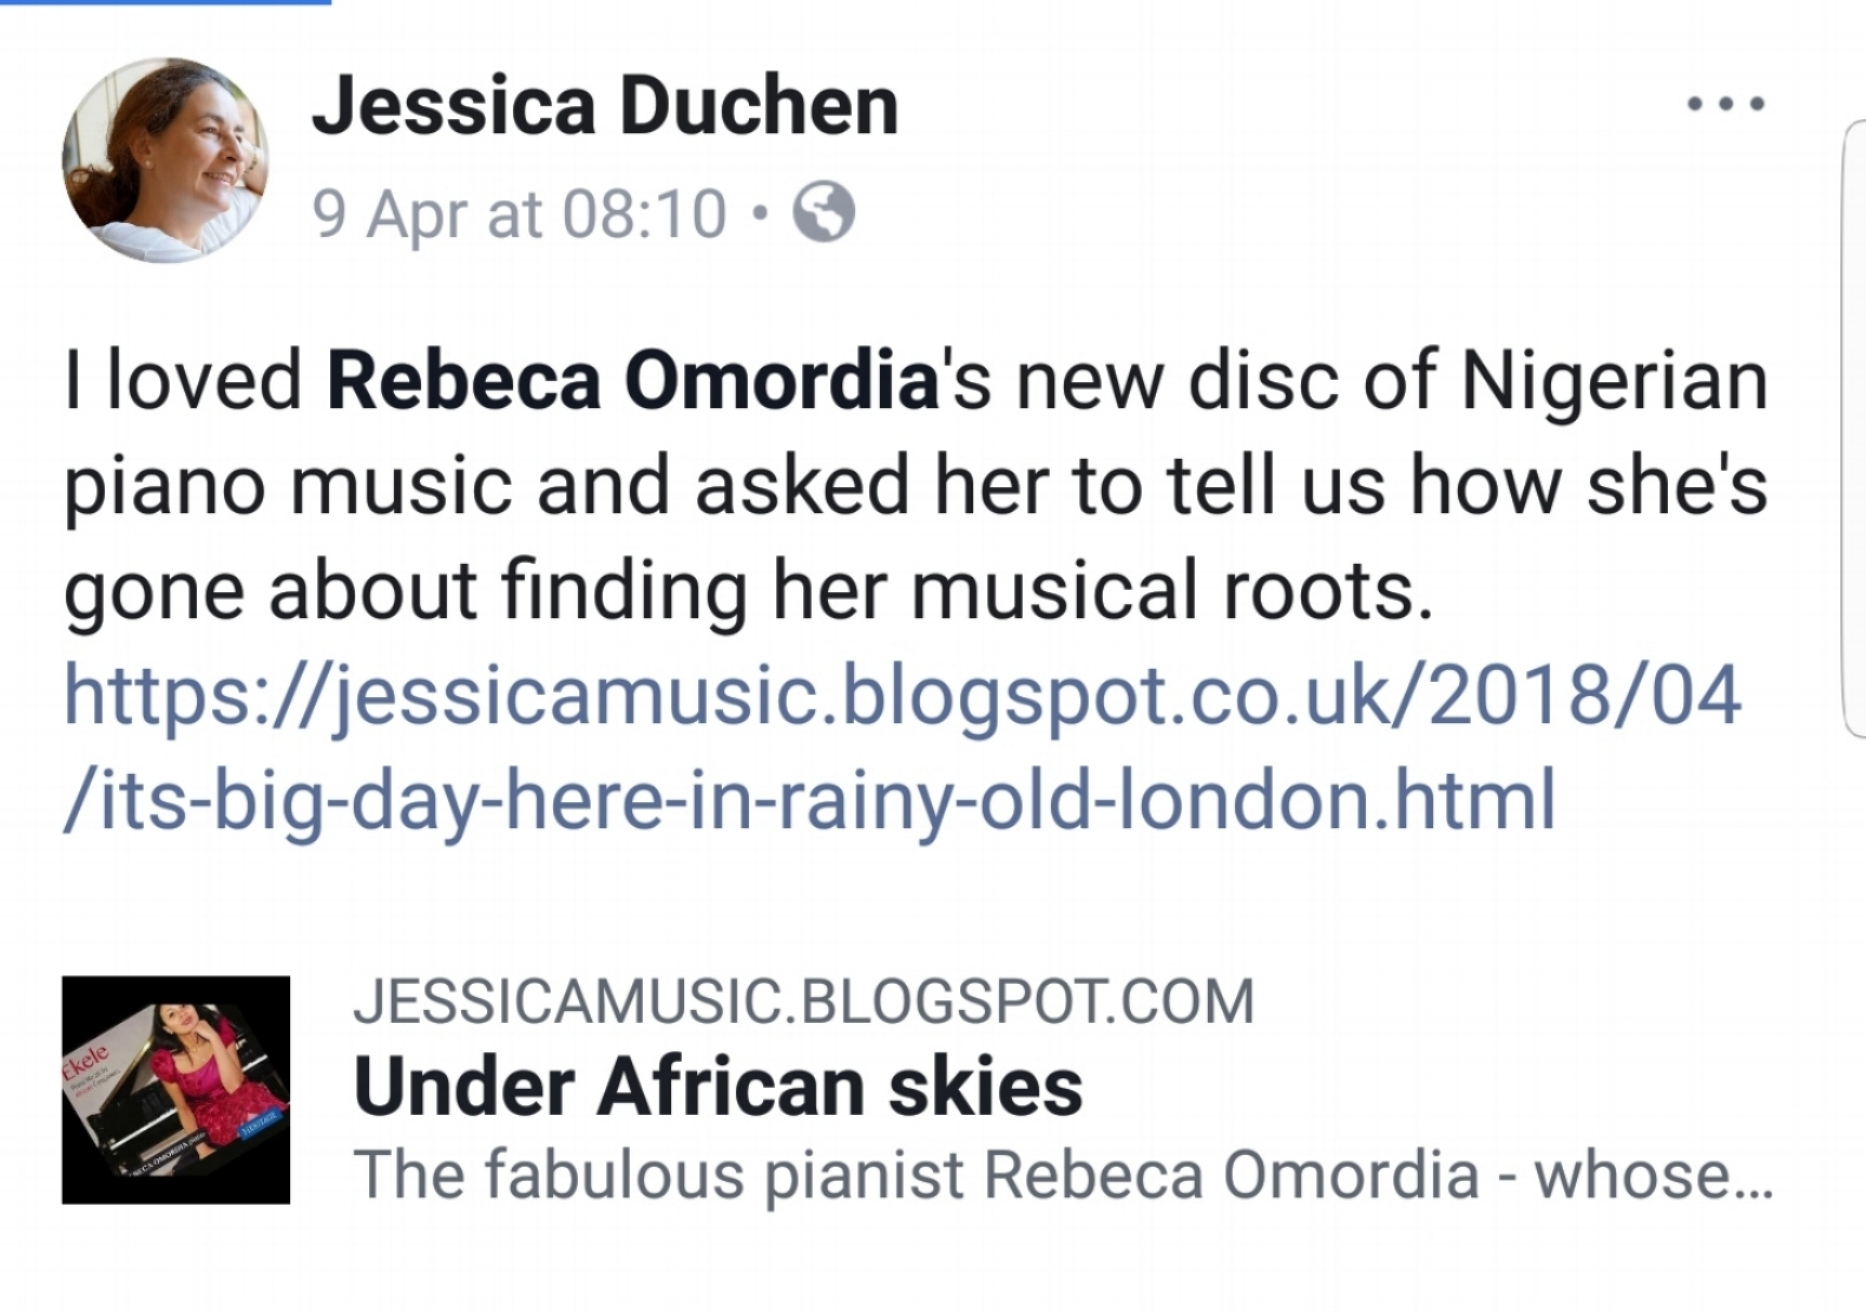 Jessica Duchen: Under African Skies